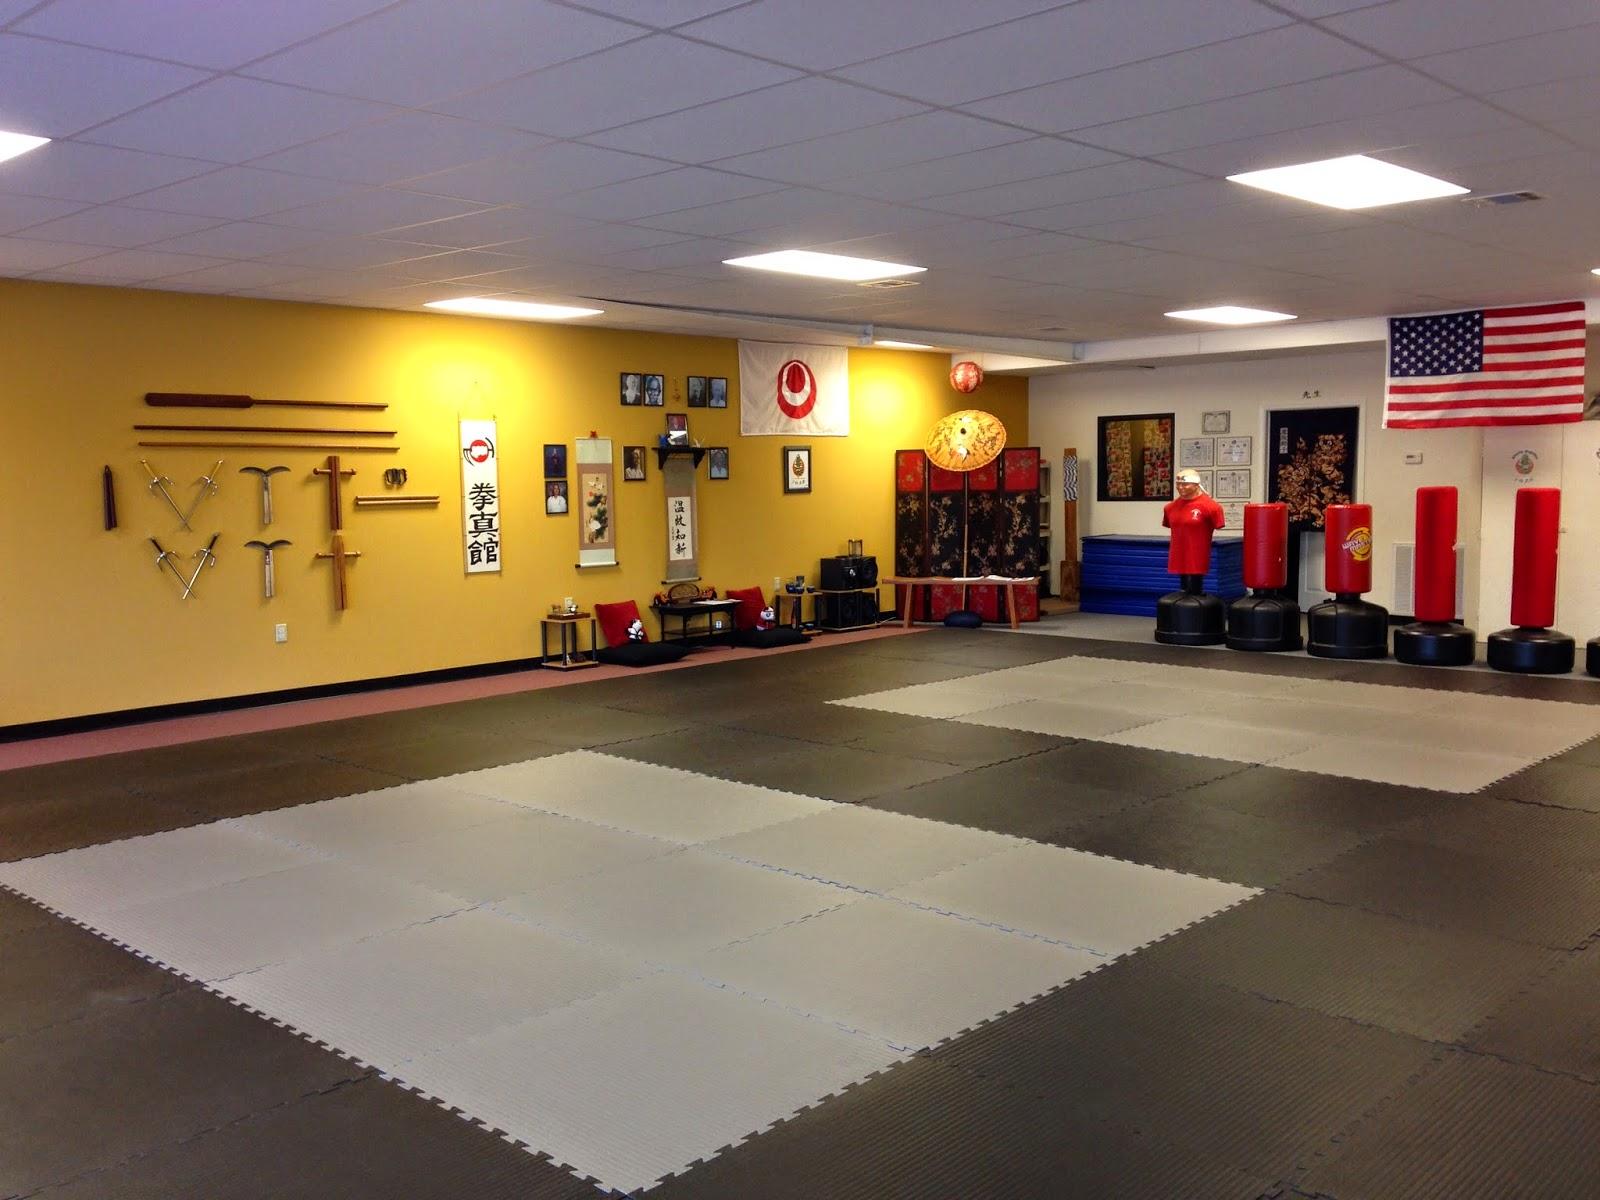 Rubber floor mats for basement - Customer Review Grappling Mats